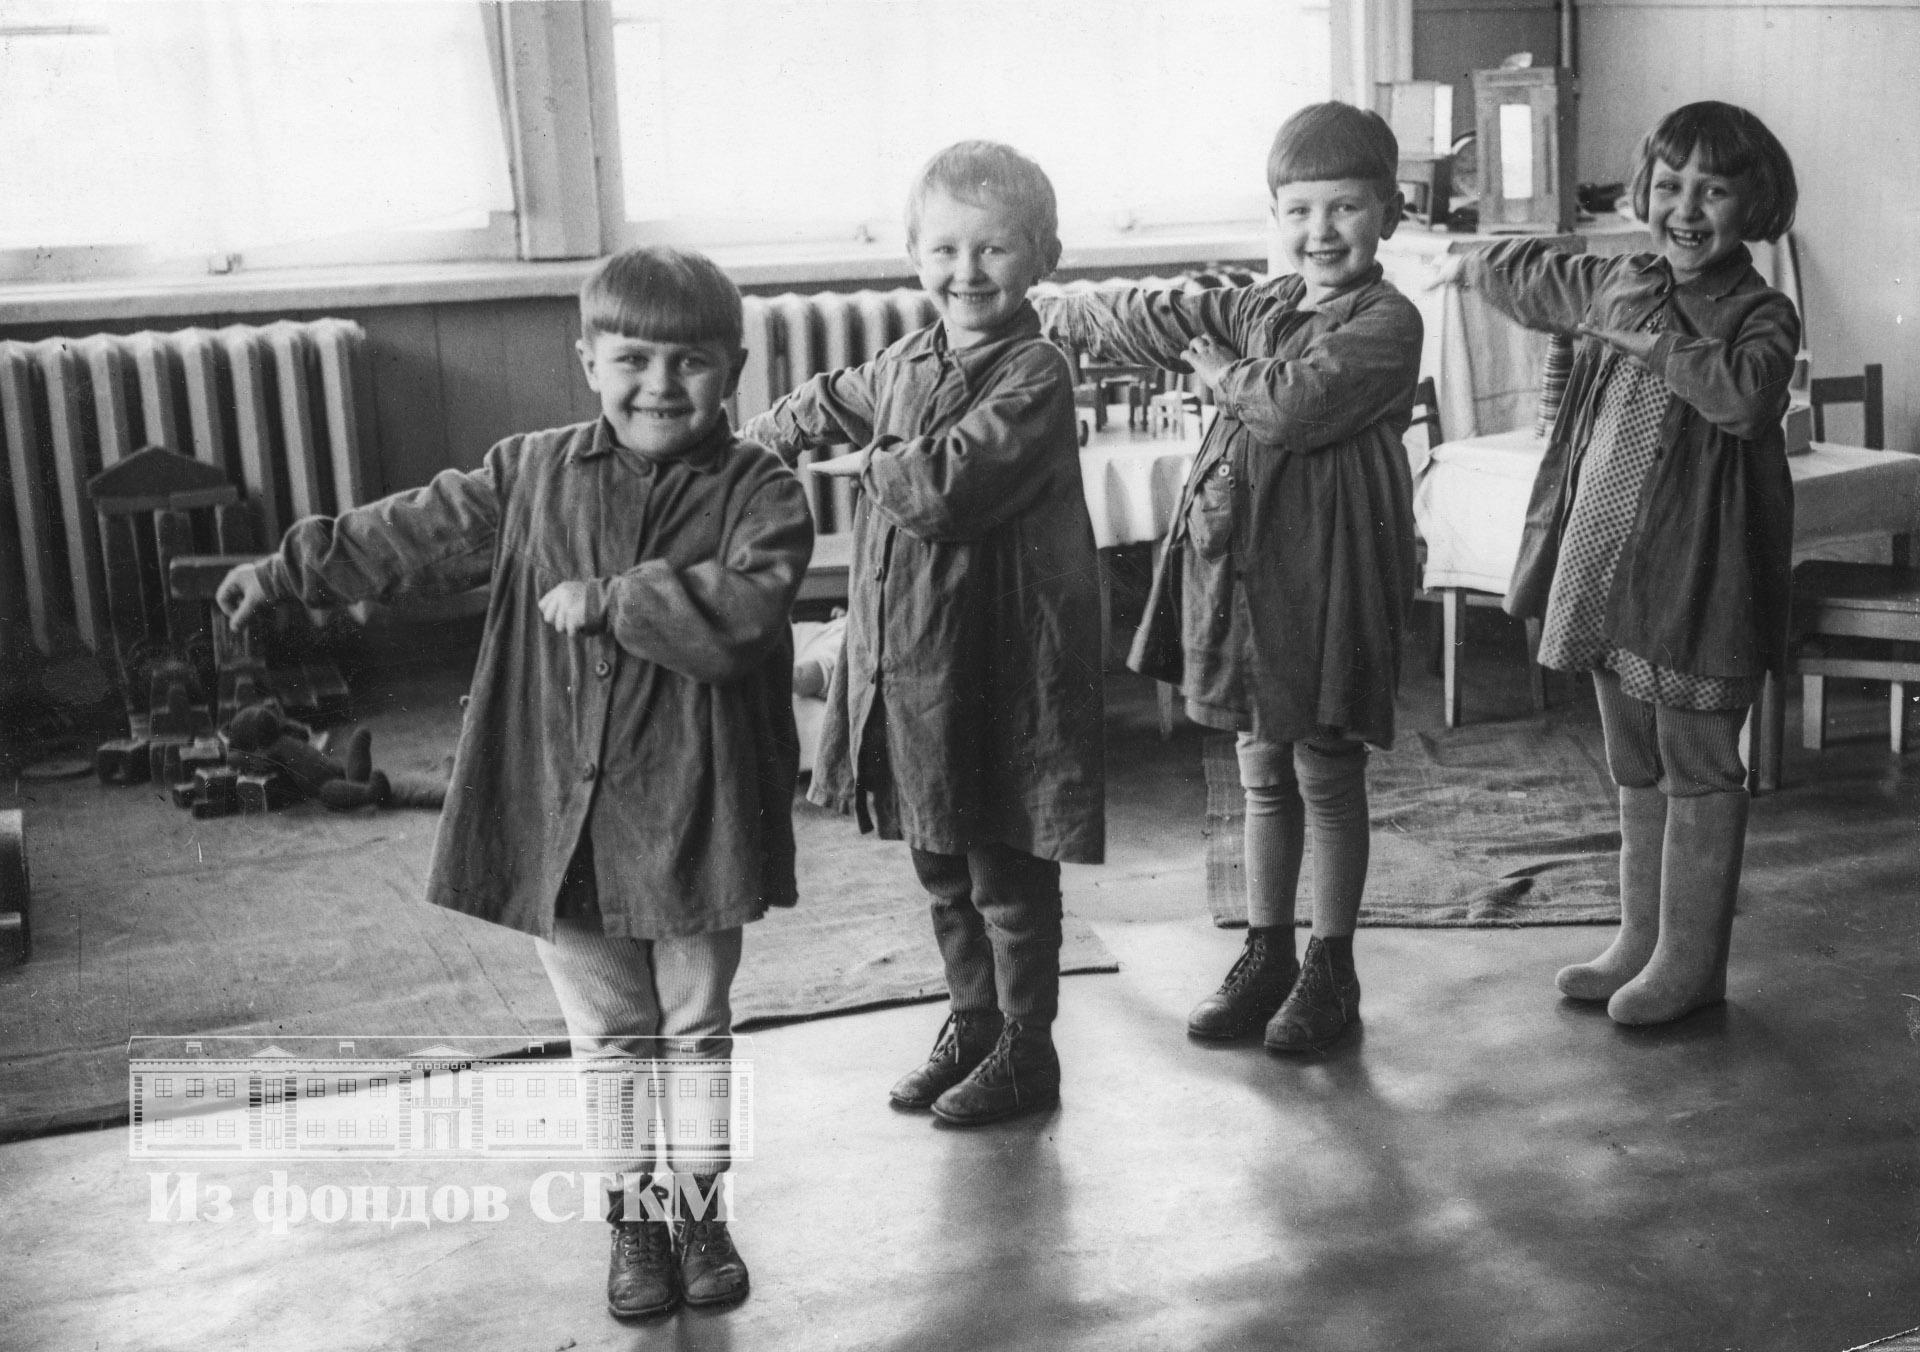 1940. Детский сад строительства. Старшая группа, урок танцев.